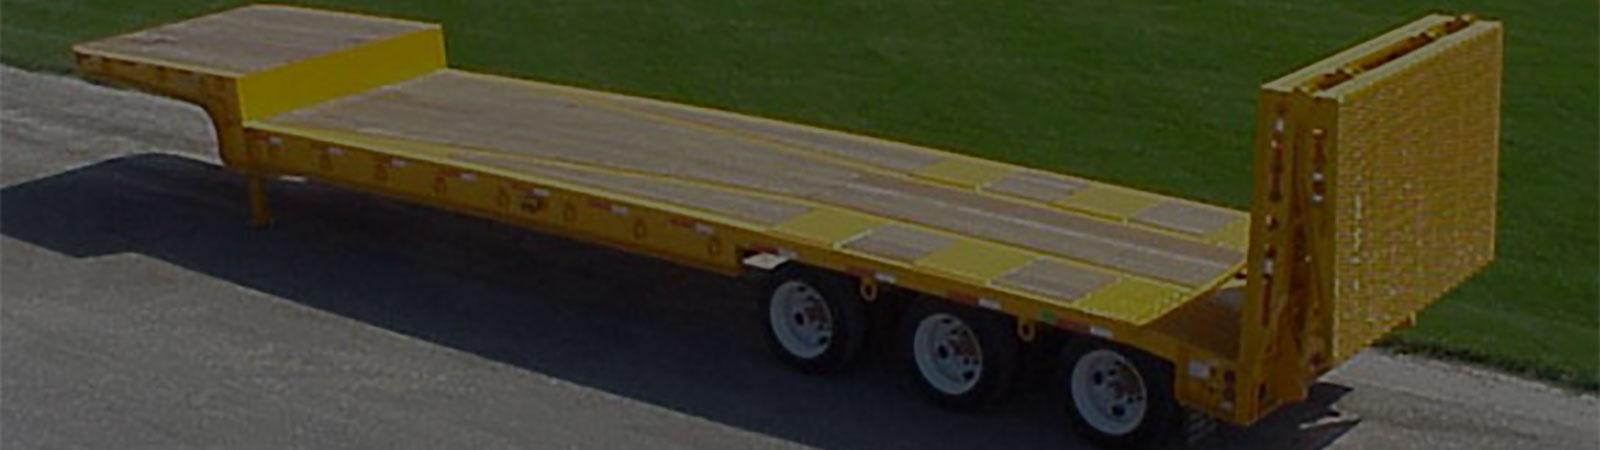 ramp-trailer-hdr